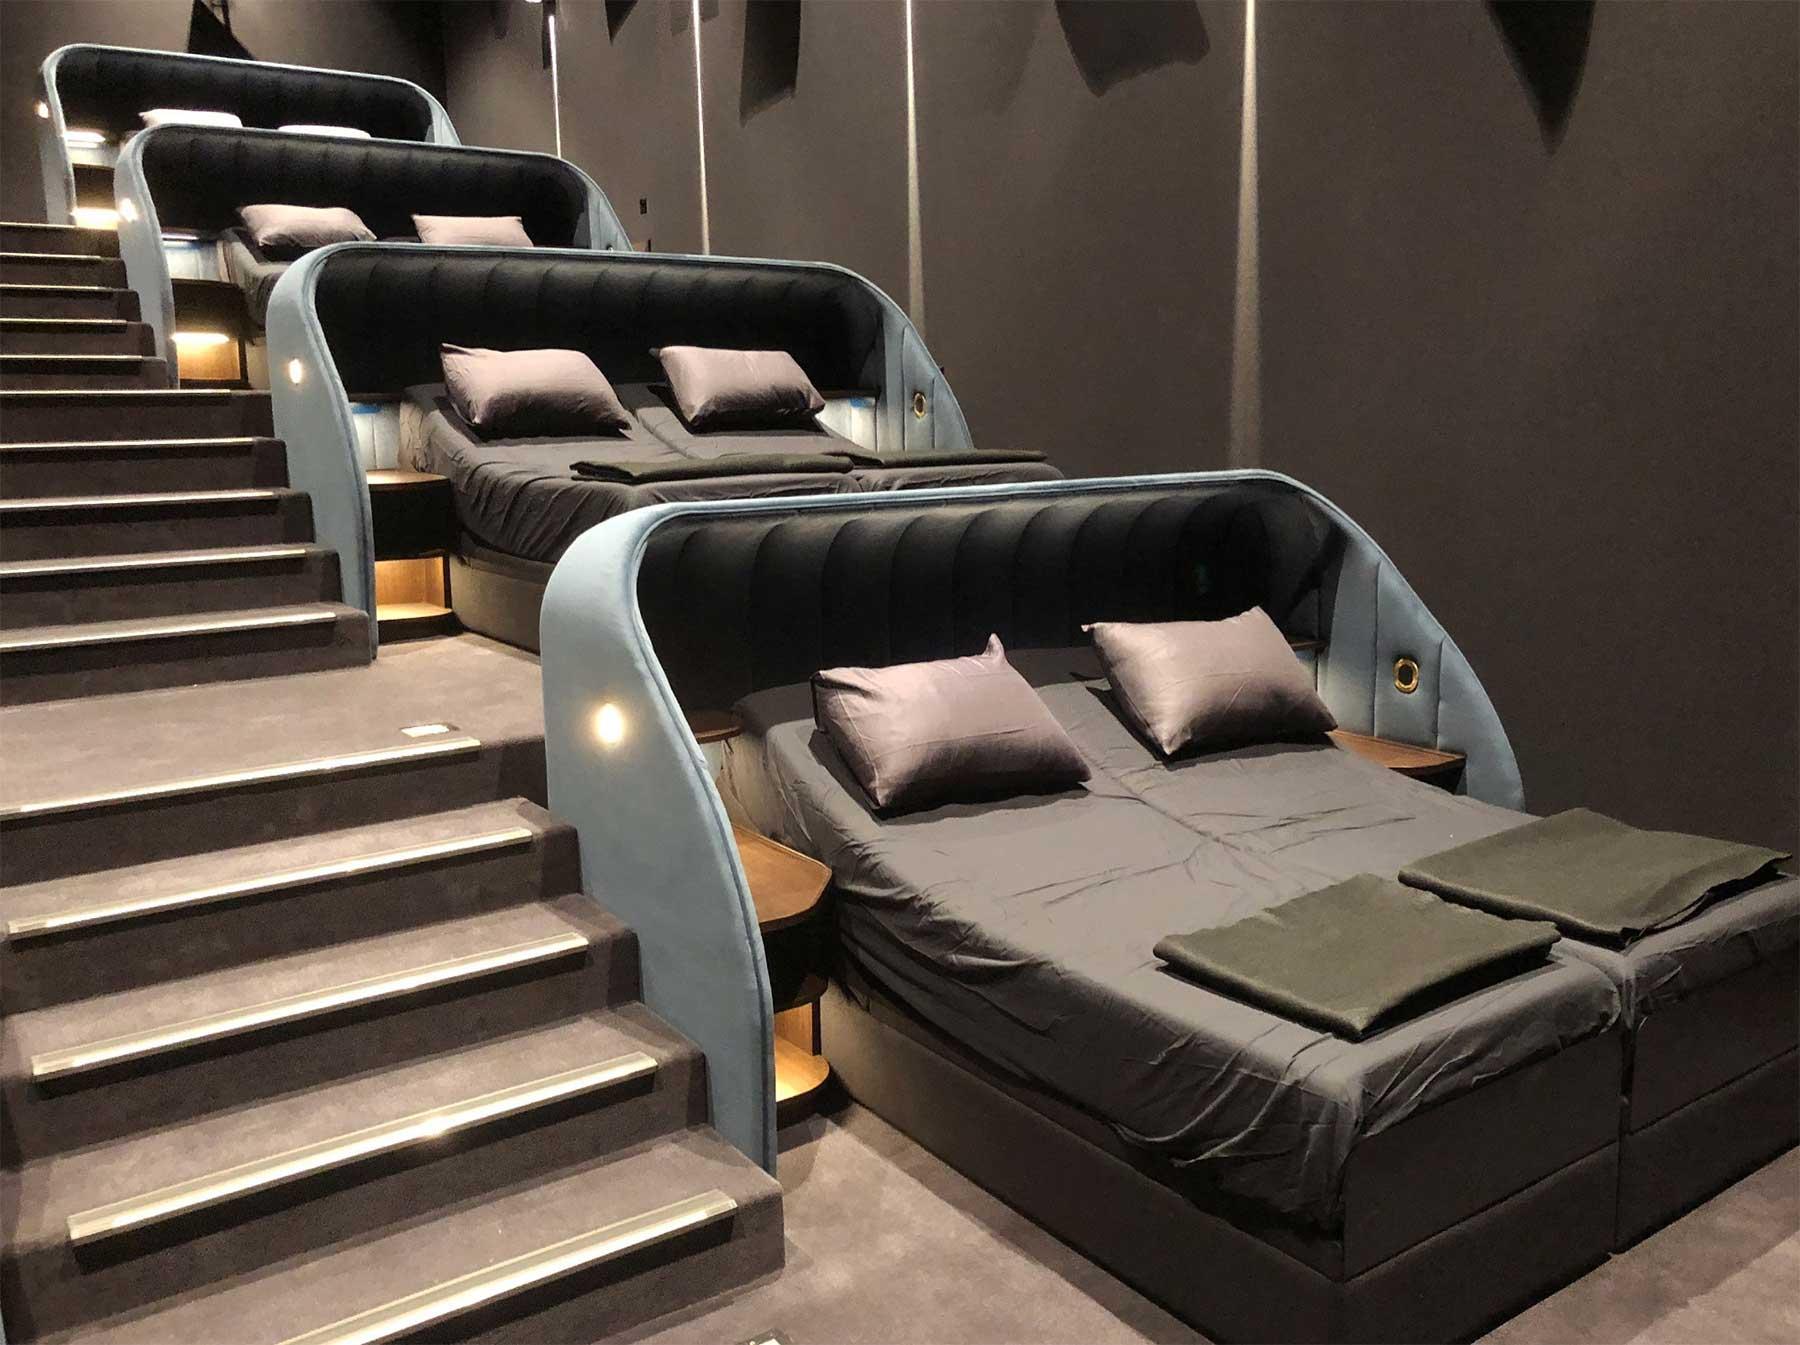 In diesem Kino könnt ihr Filme auf Betten und Sofas schauen pathe-spreitenbach-kino-mit-sofas-und-betten_04